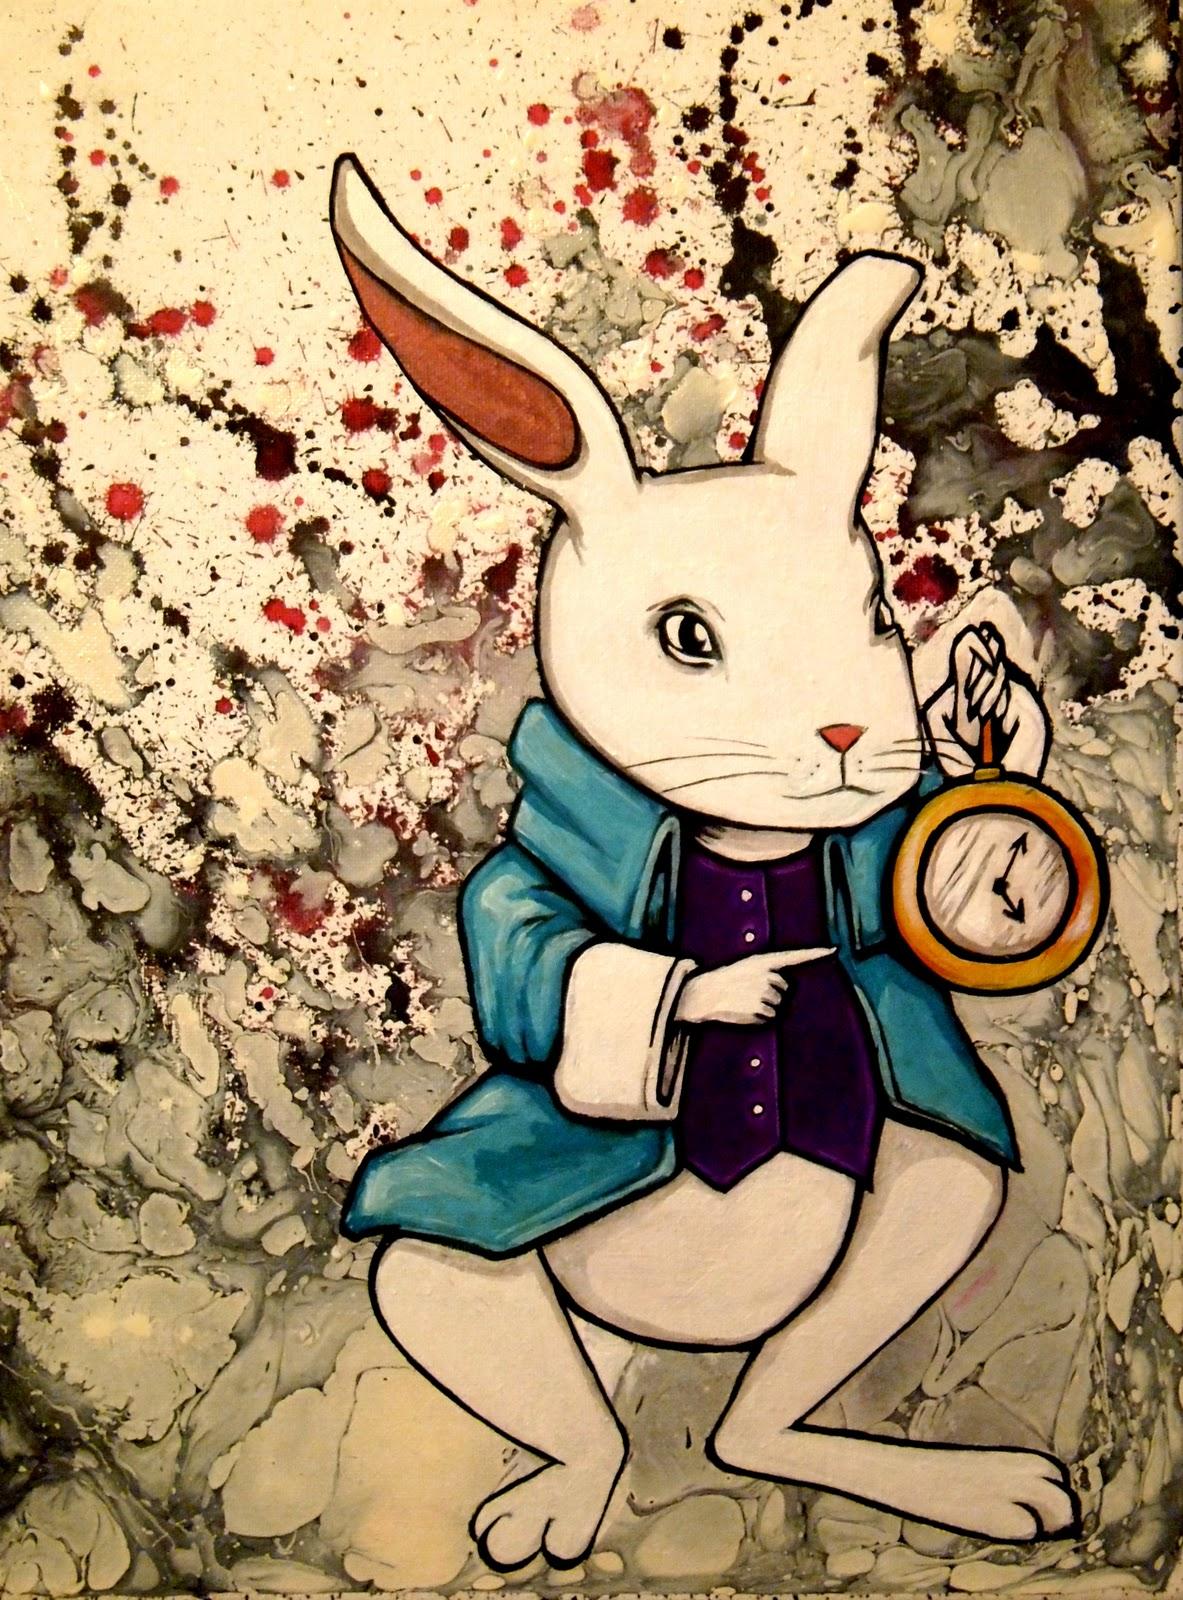 White rabbit painting - photo#19